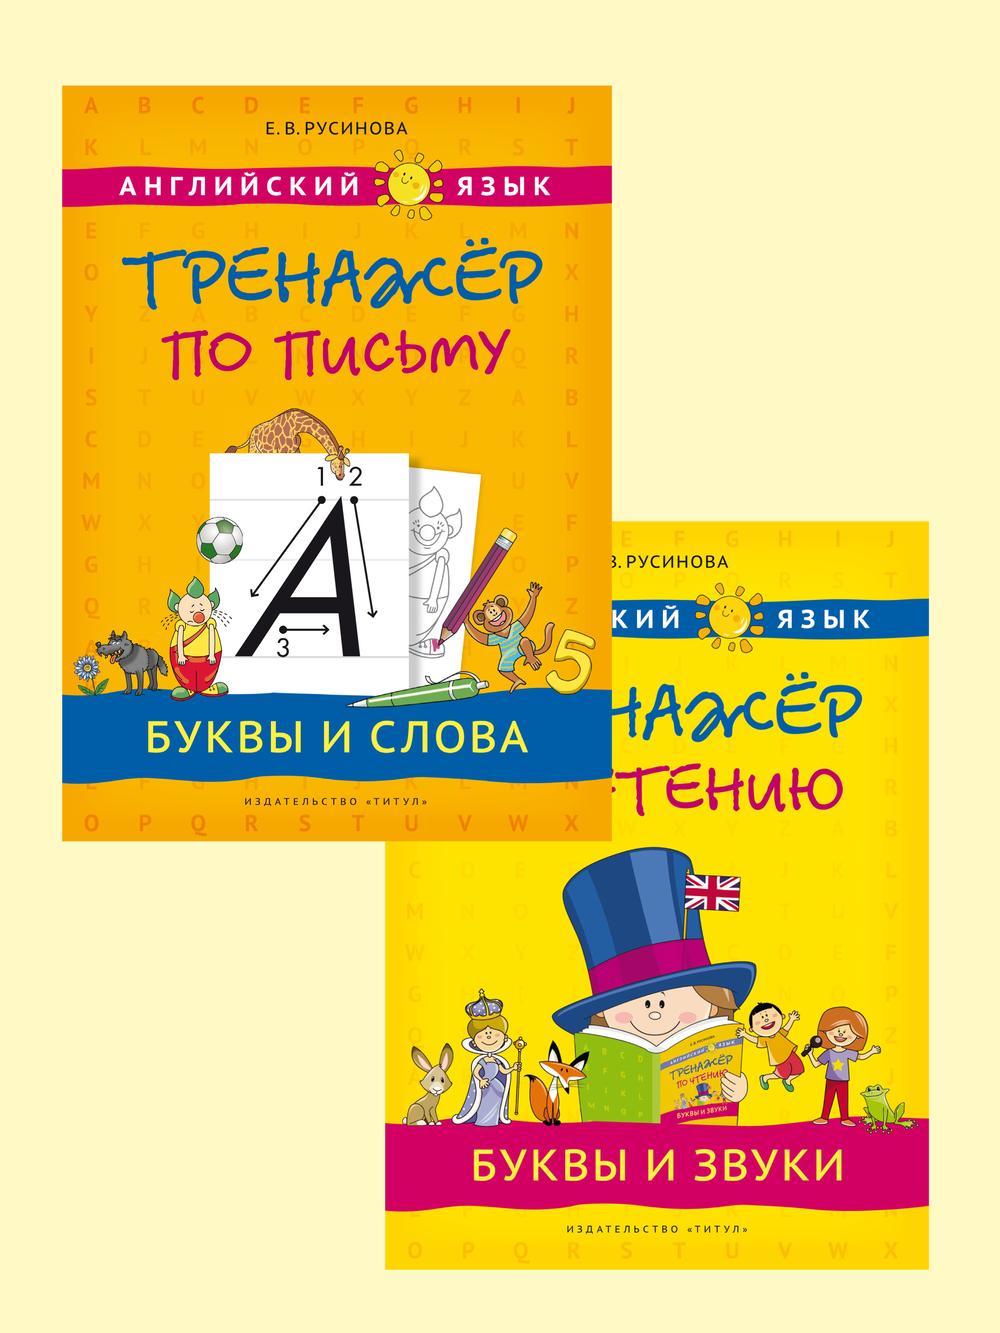 Русинова Е. В. Комплект. Прописи, буквы и звуки. Английский язык (2 книги)